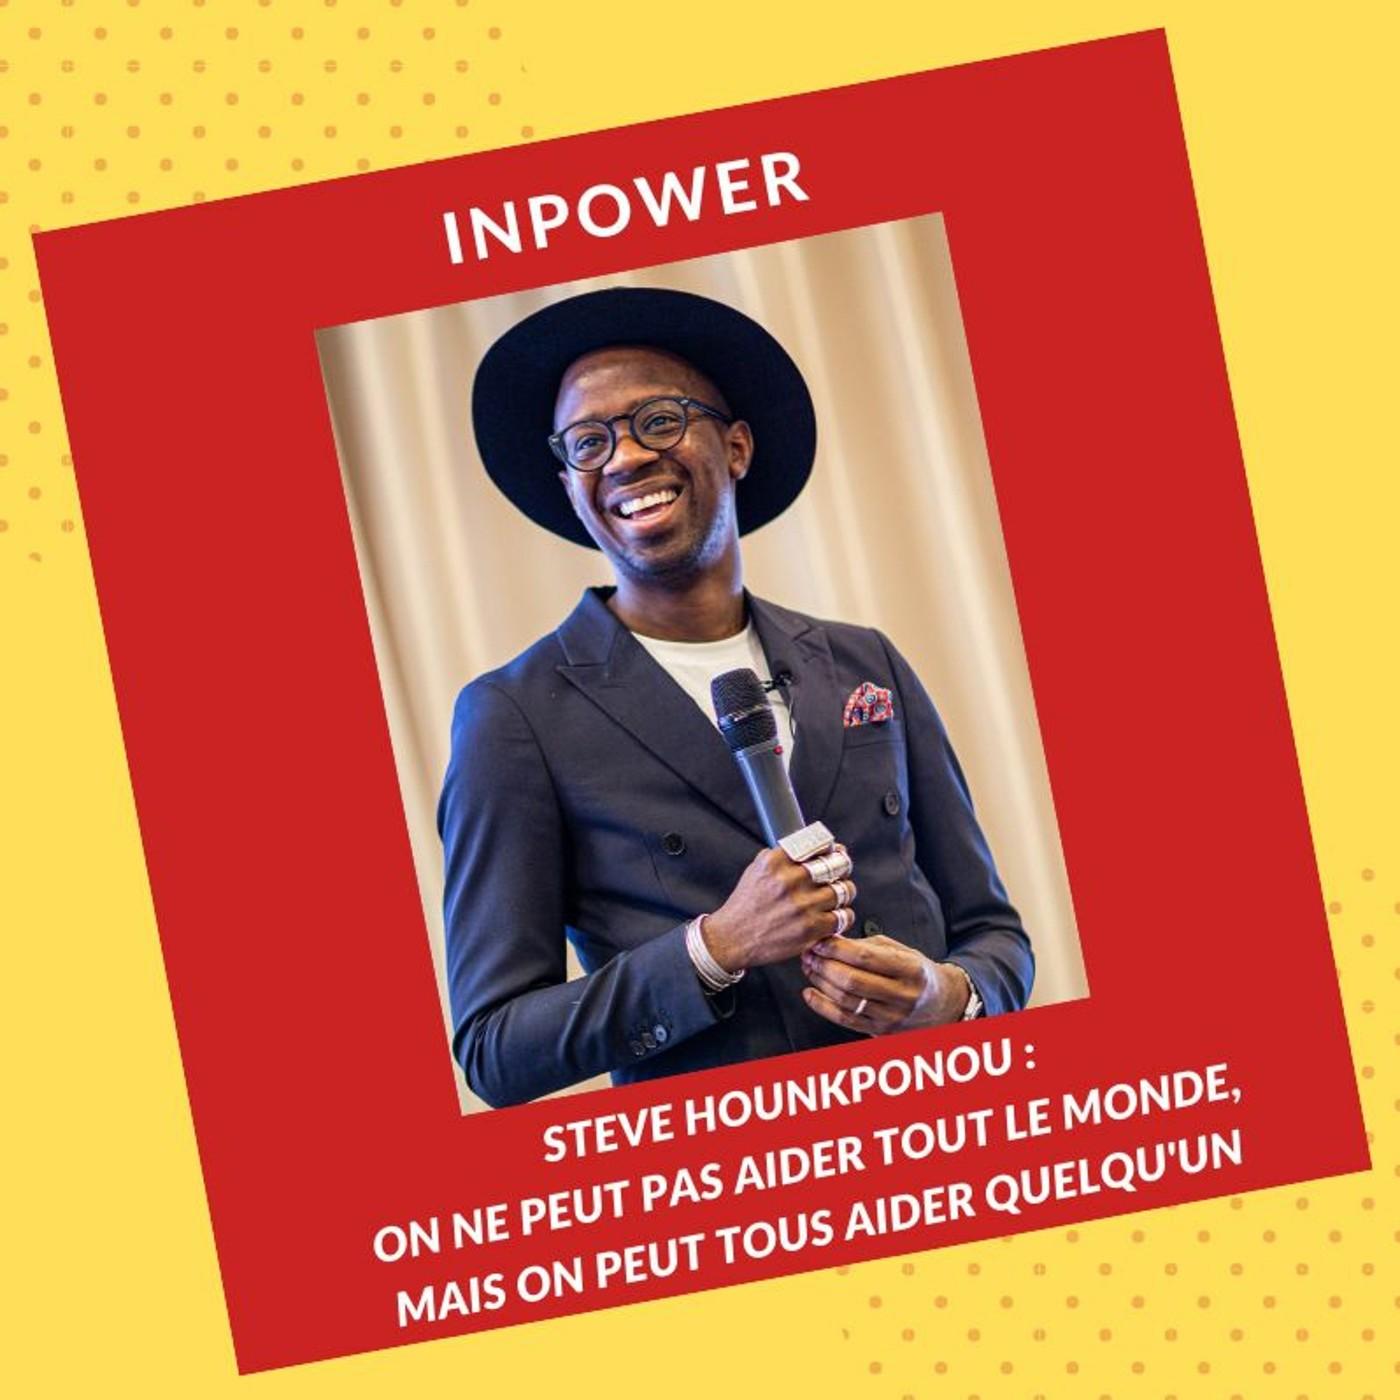 Steve Hounkponou - On ne peut pas aider tout le monde, mais tout le monde peut aider quelqu'un